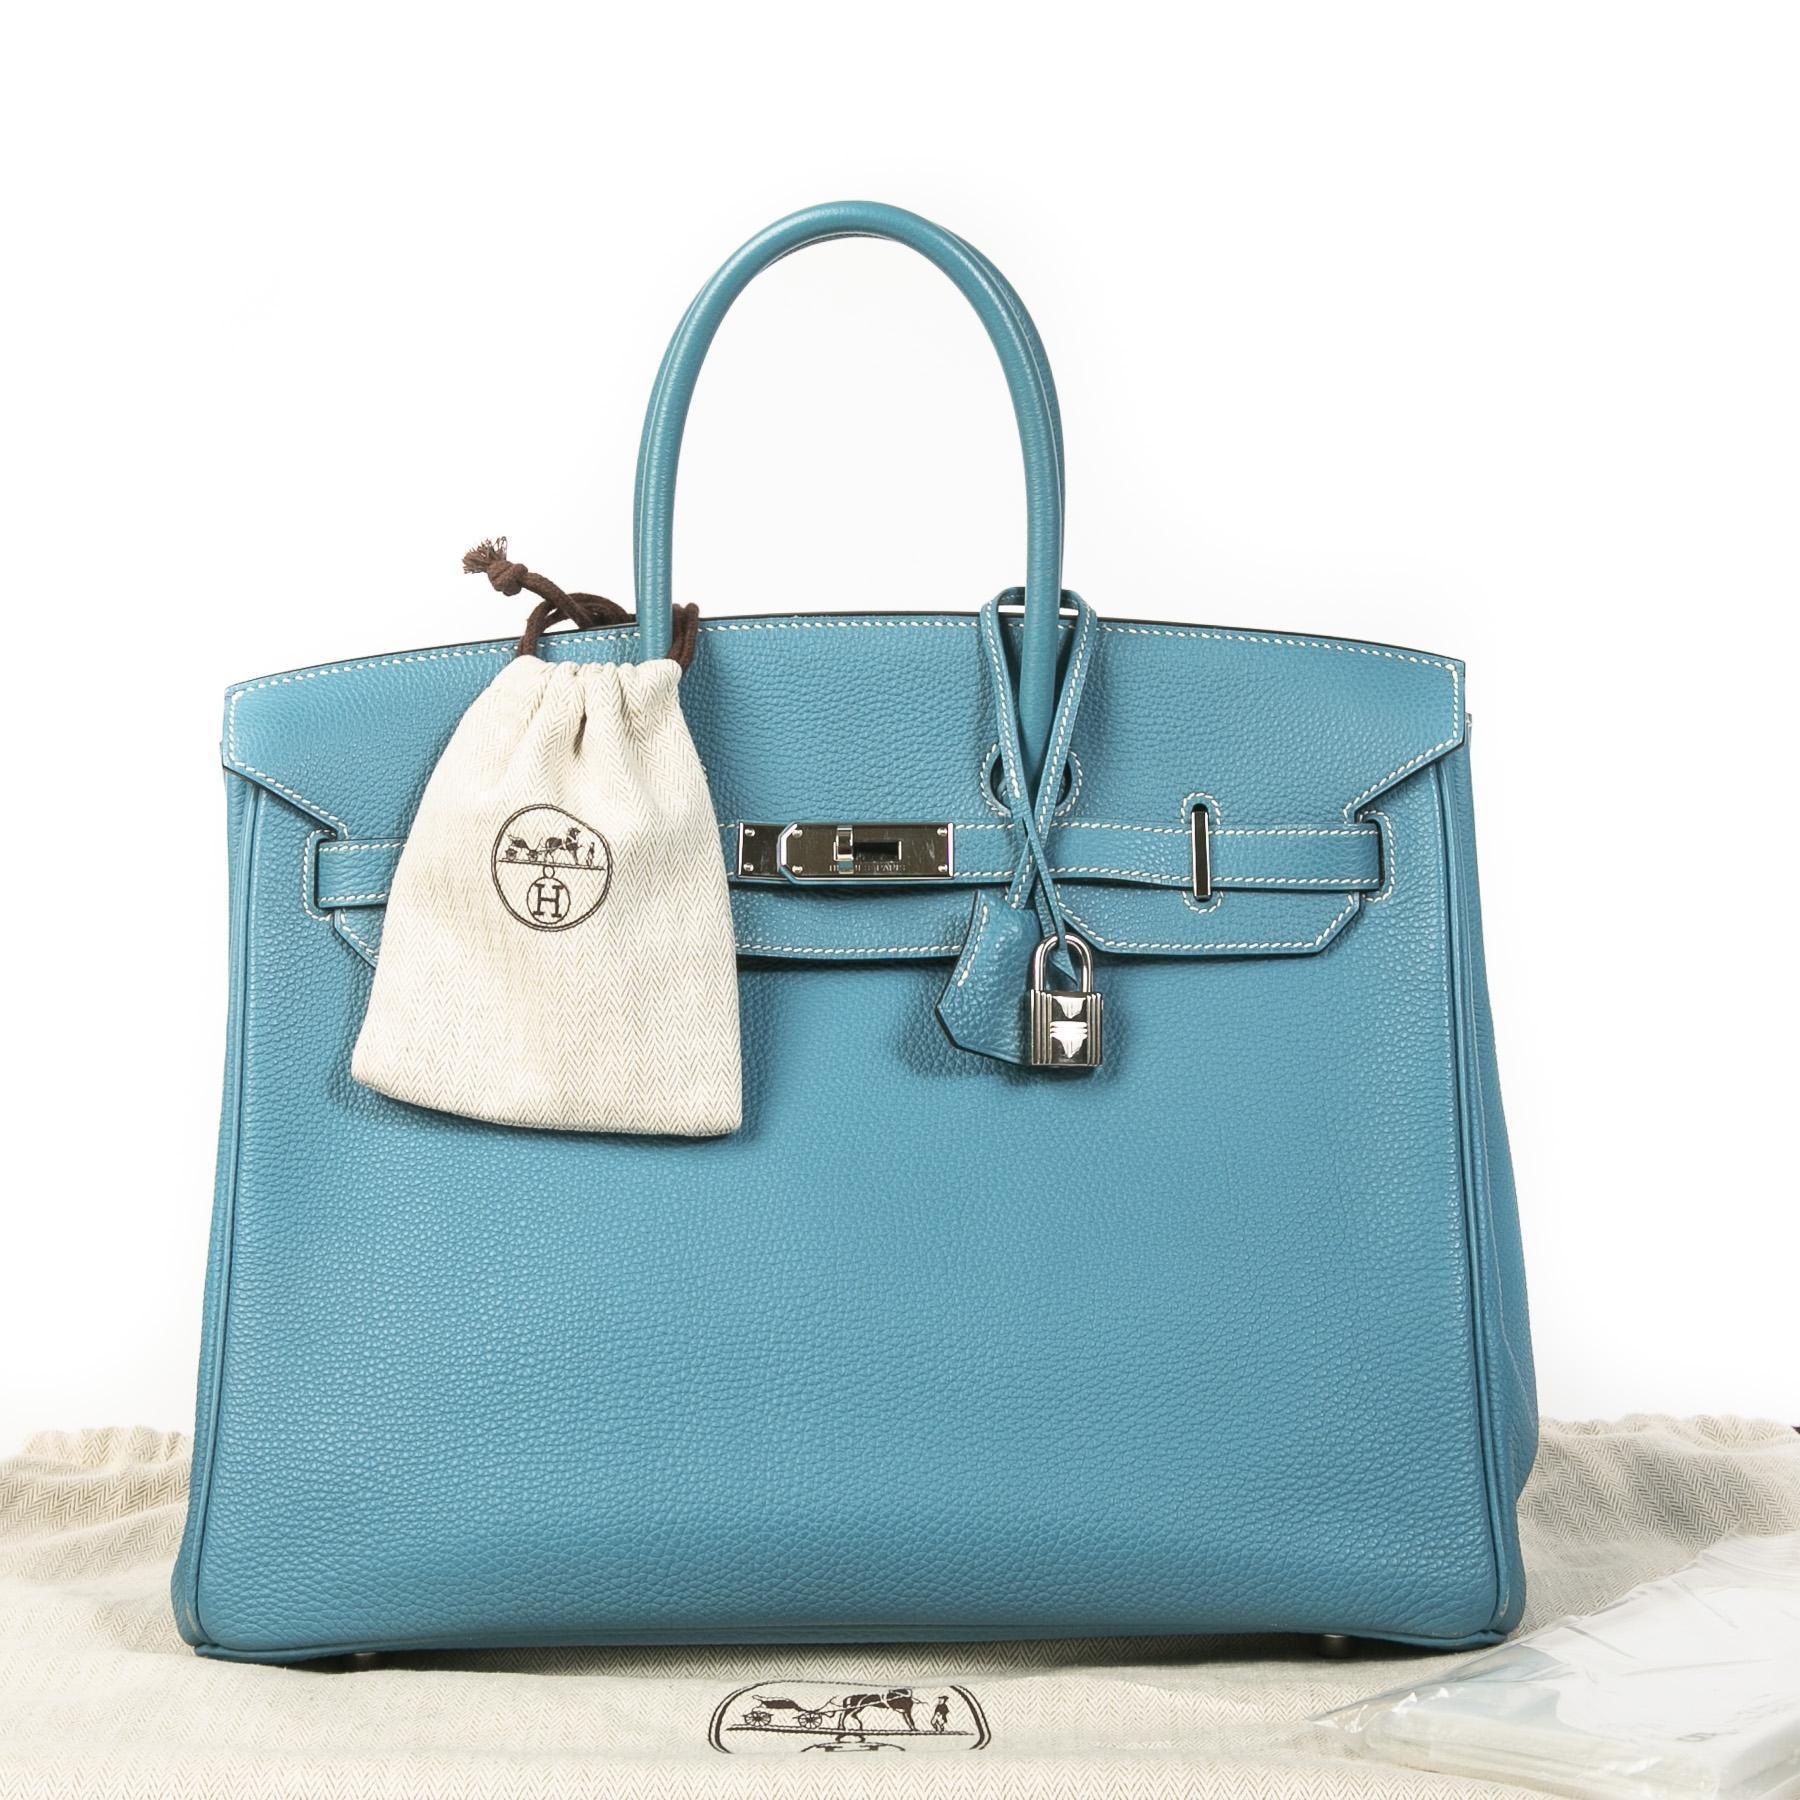 Hermès Birkin 35 Bleu Jean PHW kopen en verkopen aan de beste prijs bij Labellov